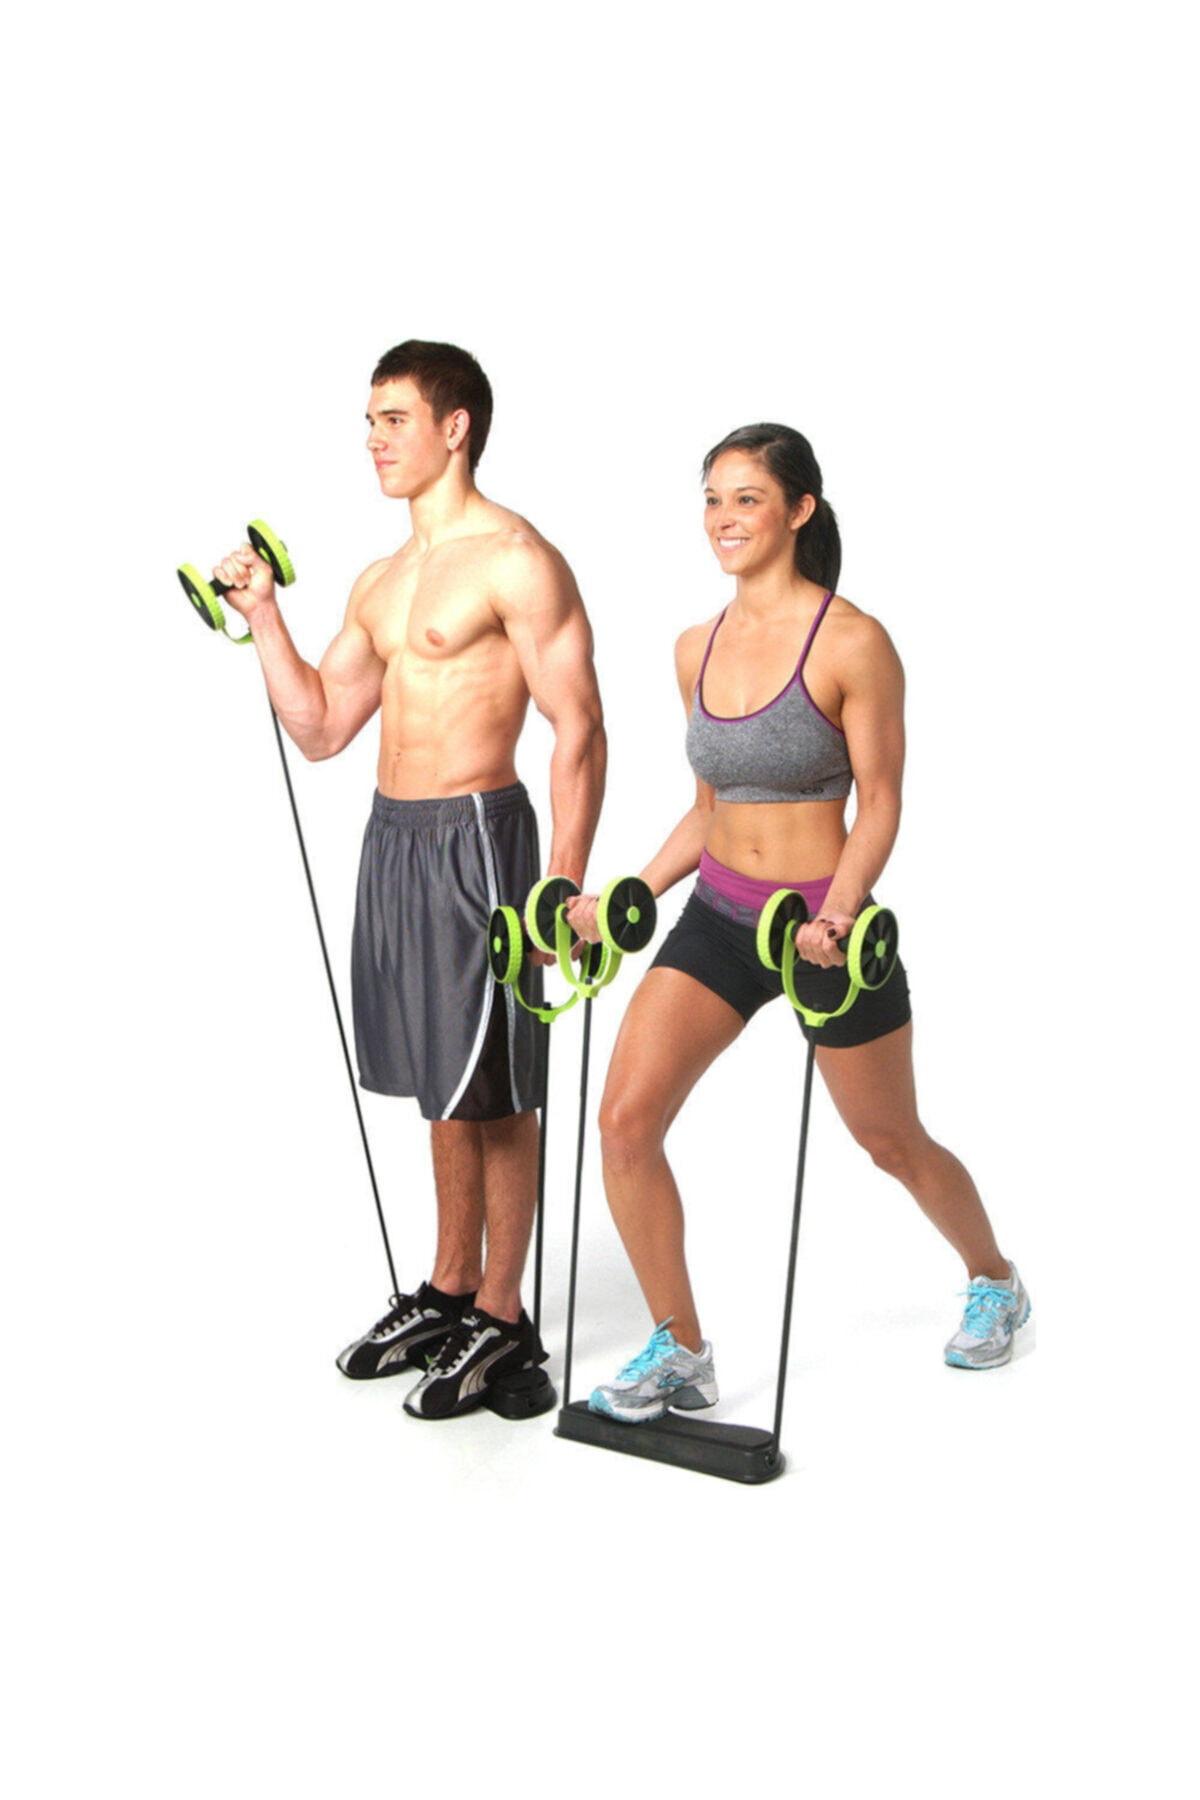 ZEN STYLE Fitflex Atlama Ipi Hediyeli Egzersiz Seti 2